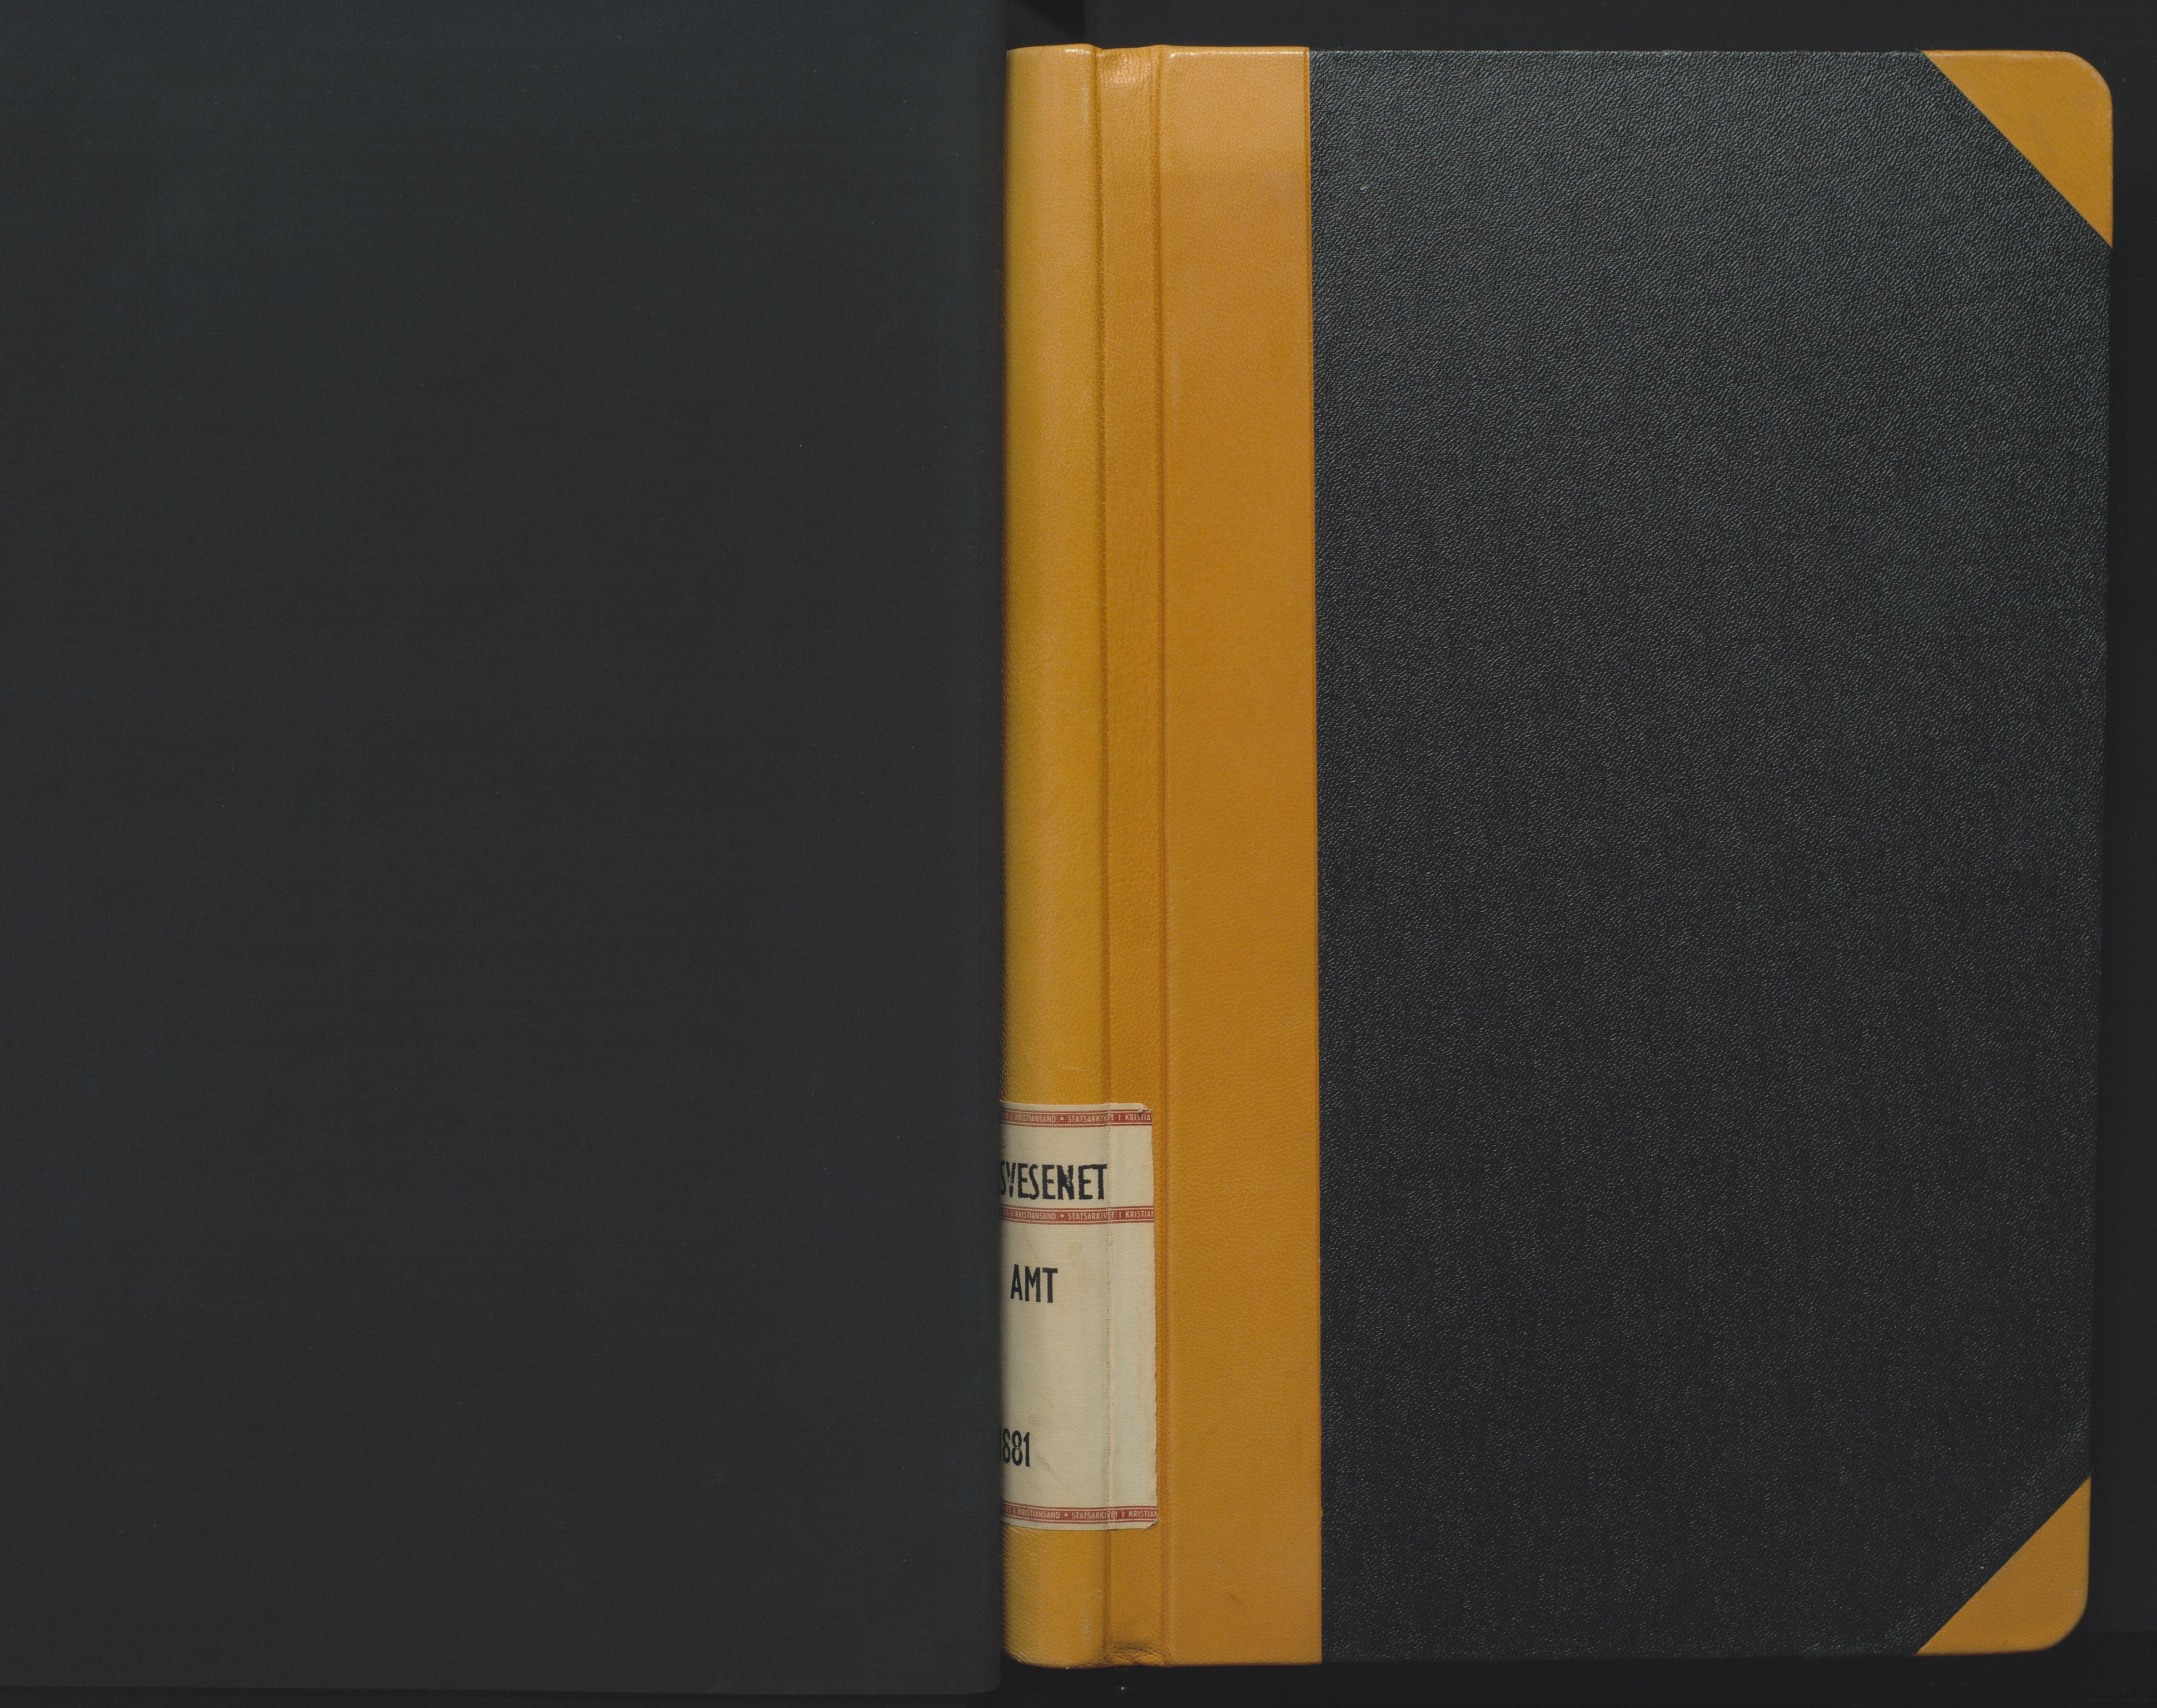 SAK, Utskiftningsformannen i Nedenes amt, F/Fa/Faa/L0008: Utskiftningsprotokoll med gårdsregister, Nedenes amt nr 8, 1875-1881